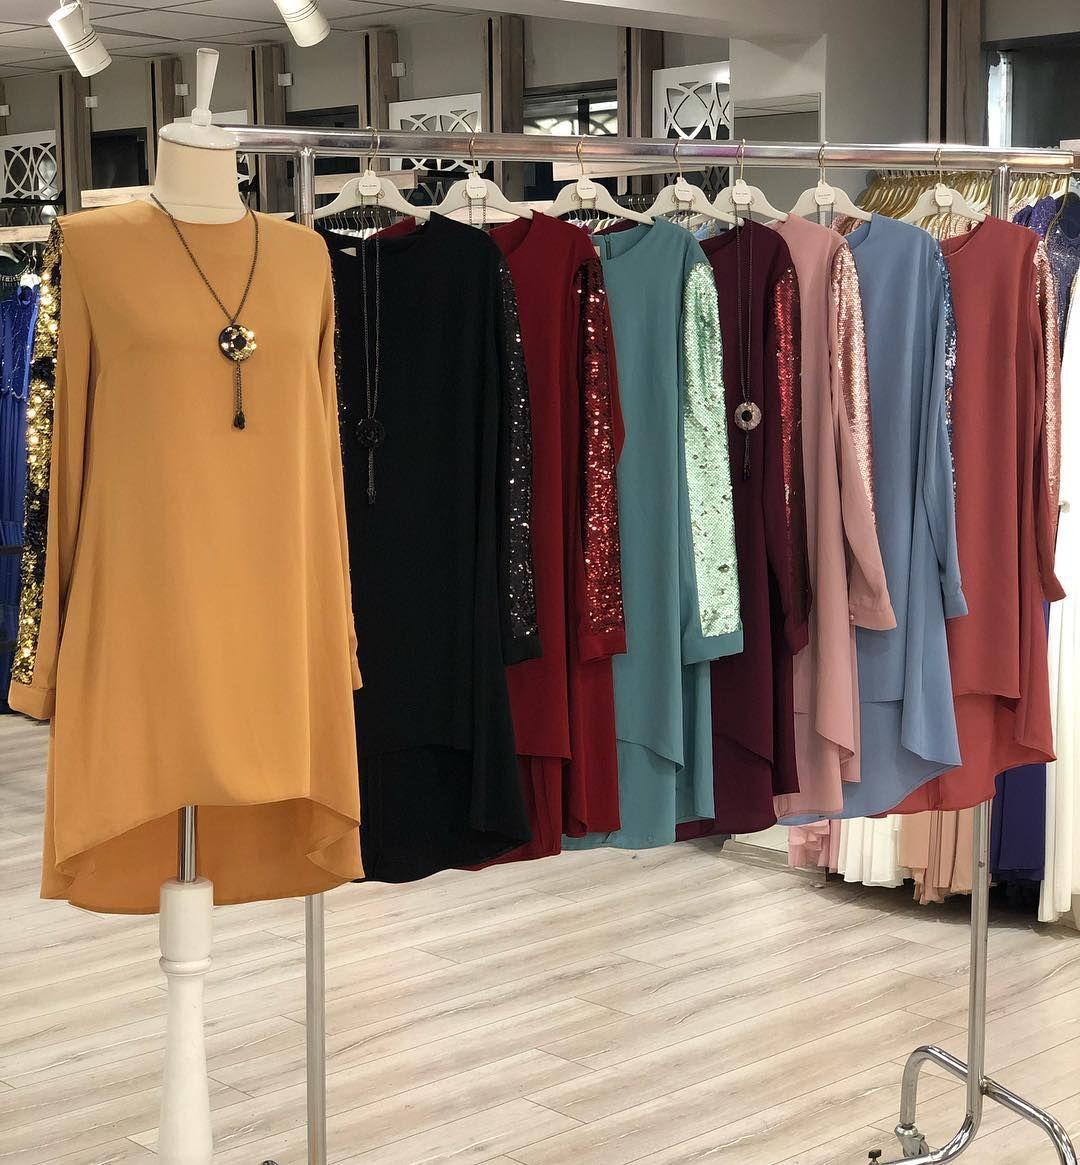 Siparis Icin Www Anadolugiyim Com Tr Sayfamiz Ziyaret Edebilir Kredi Kartina 9 A Moda Giyim Biye